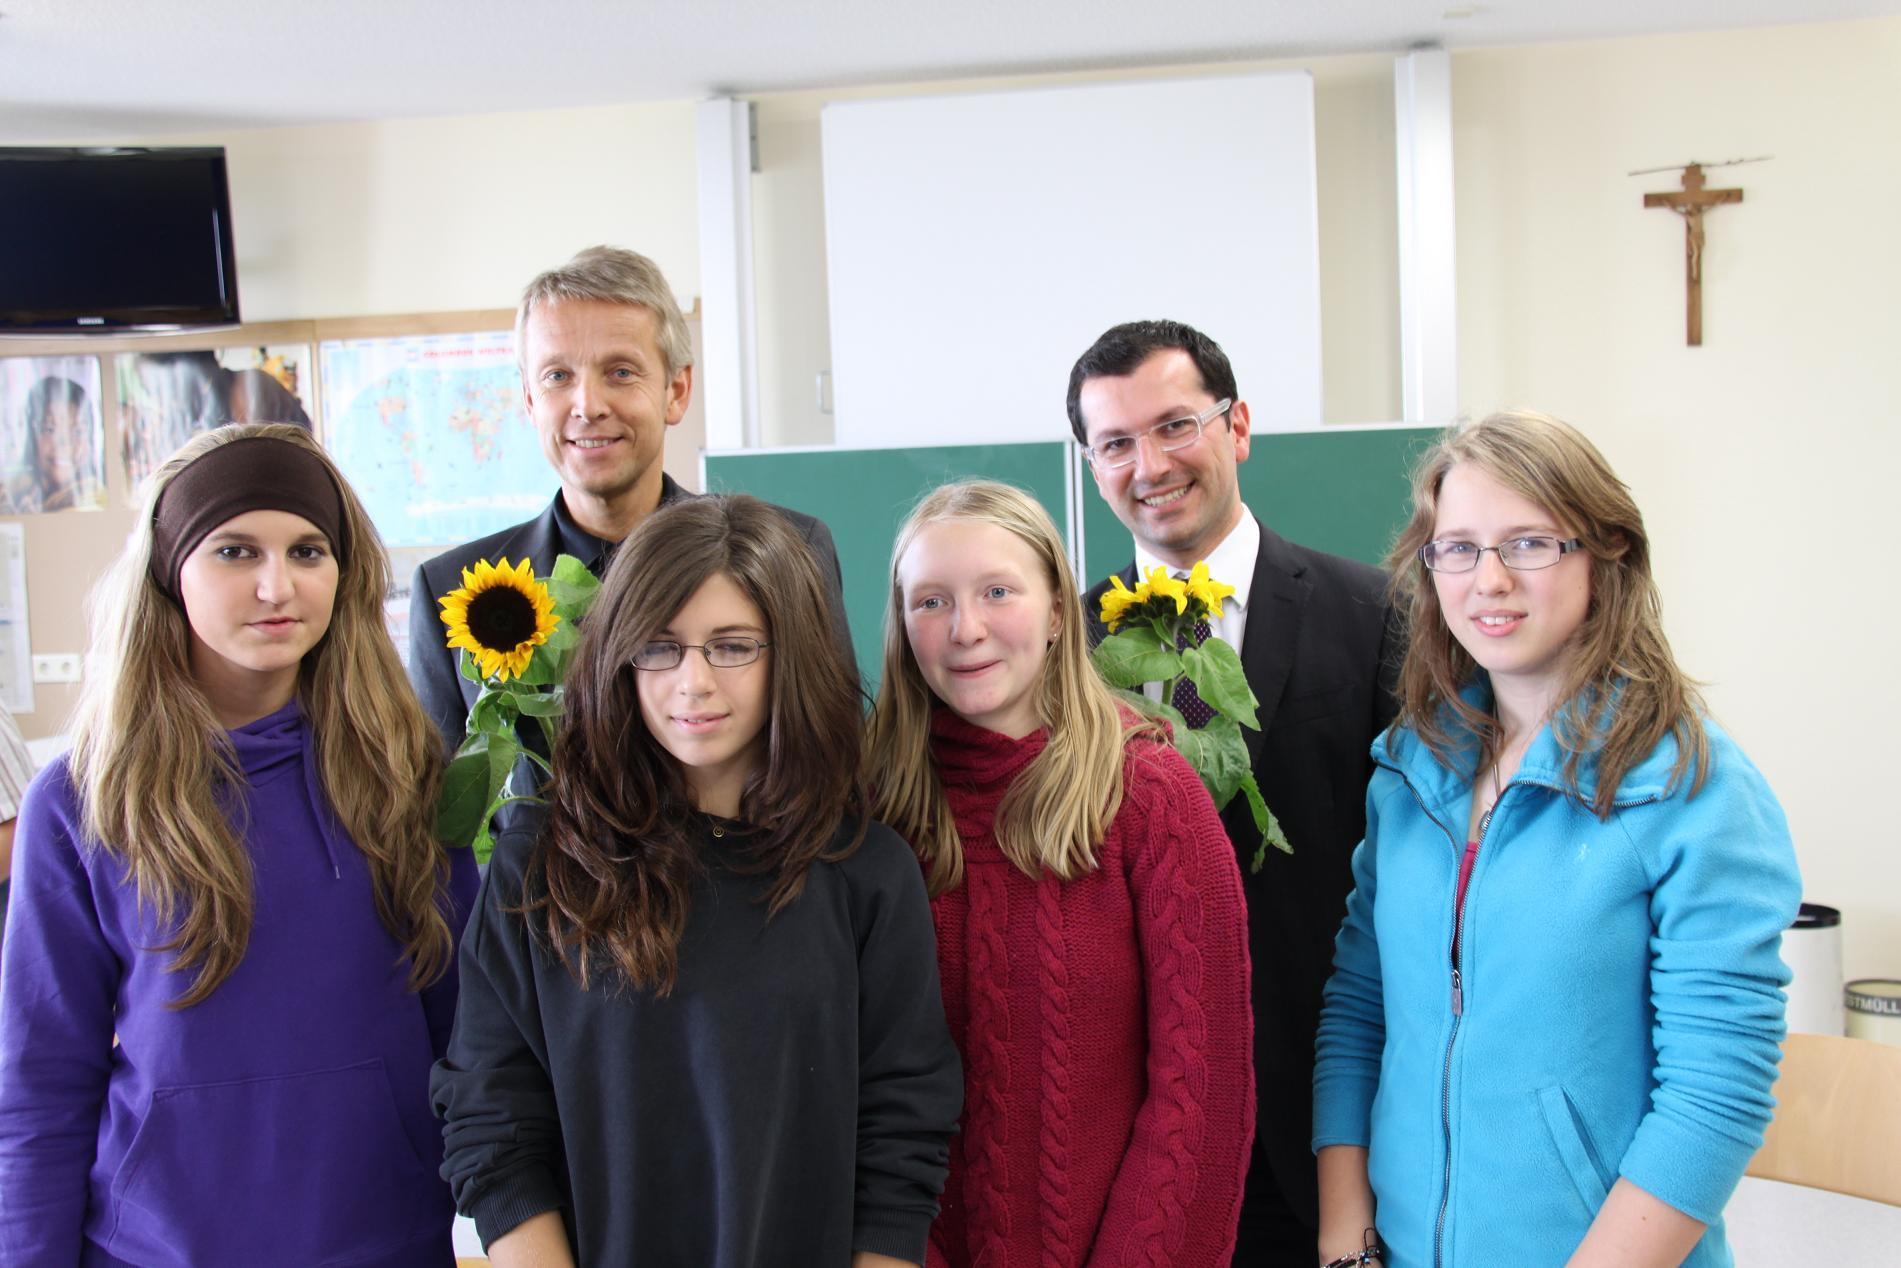 Mit Diskussionsteilnehmer Dr. Akyrek und Schülerinnen der Mittelschule St. Marien (C) Iris Brüggler